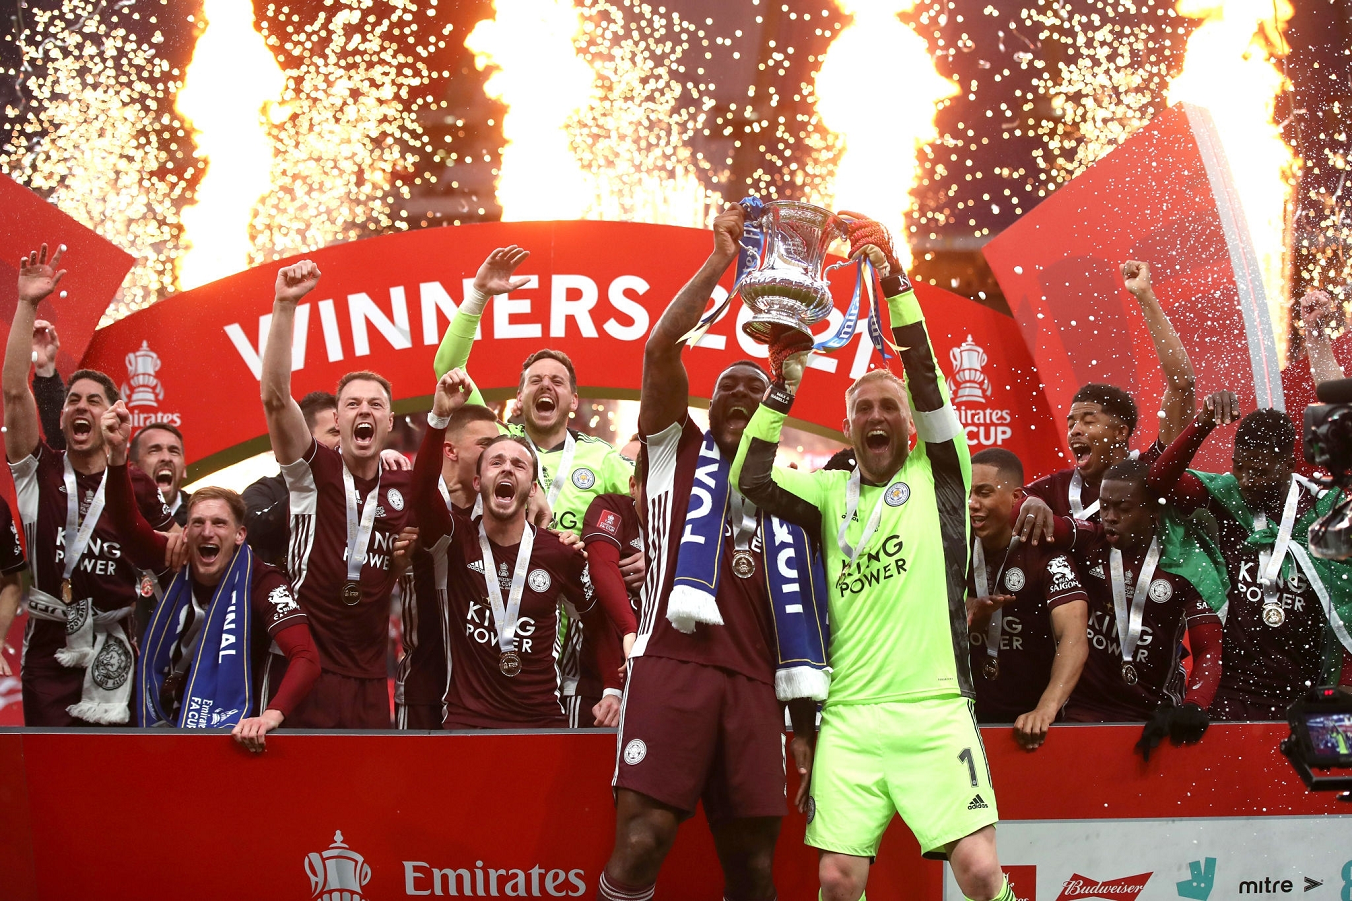 لاعبي ليستر سيتي يحتفلون بفوزهم بكأس الإتحاد الإنجلزي